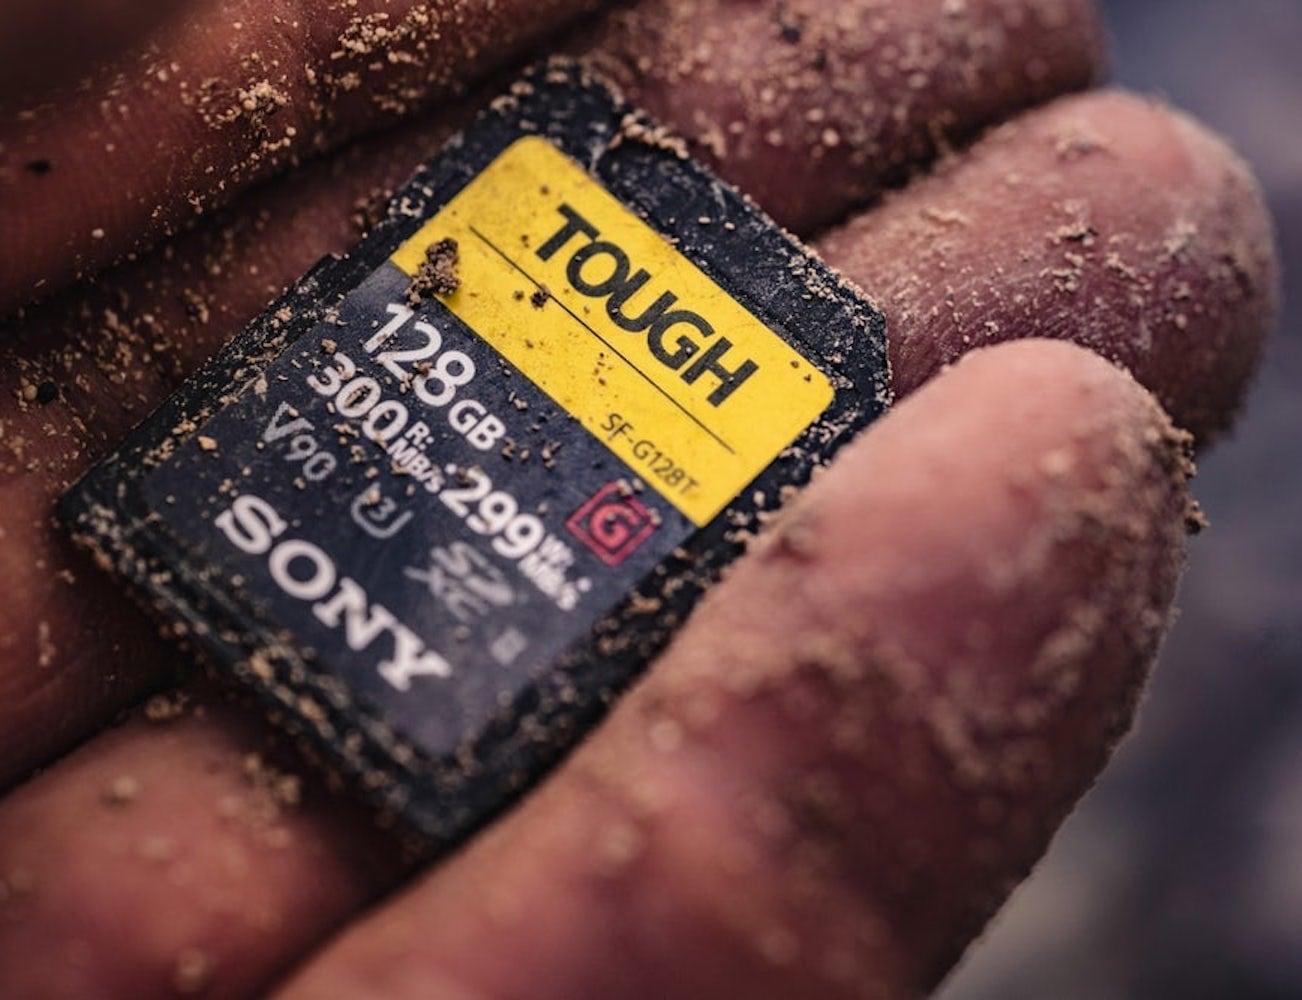 Sony Tough Ultra Durable SD Card